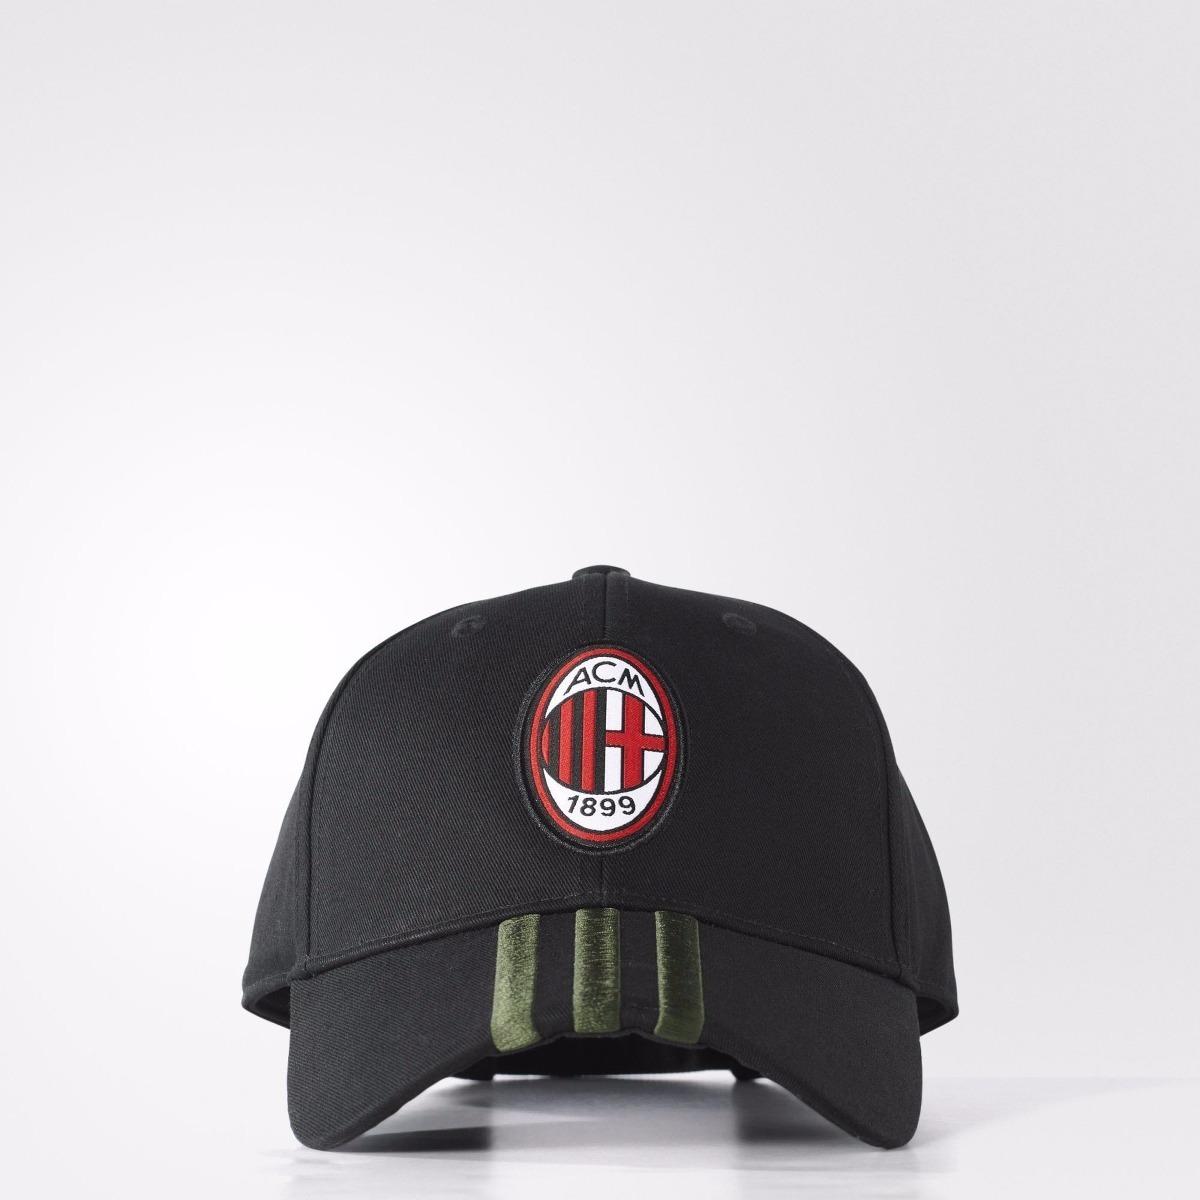 cc016c7ff34 Gorra adidas Del Ac Milan -   299.00 en Mercado Libre